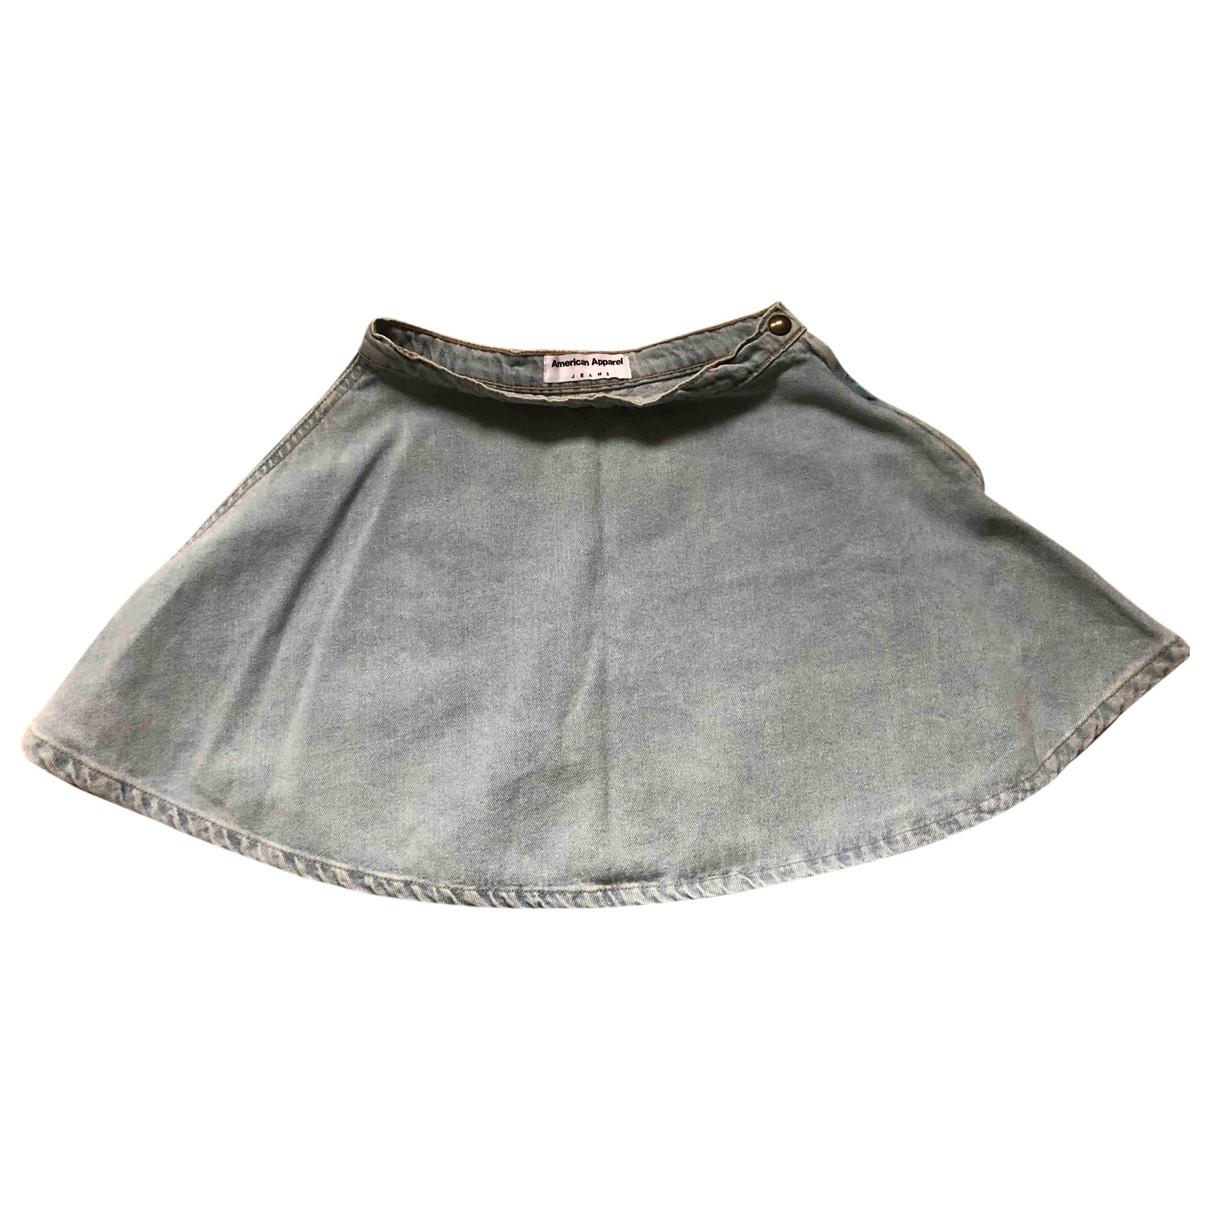 American Apparel \N Blue Denim - Jeans skirt for Women S International